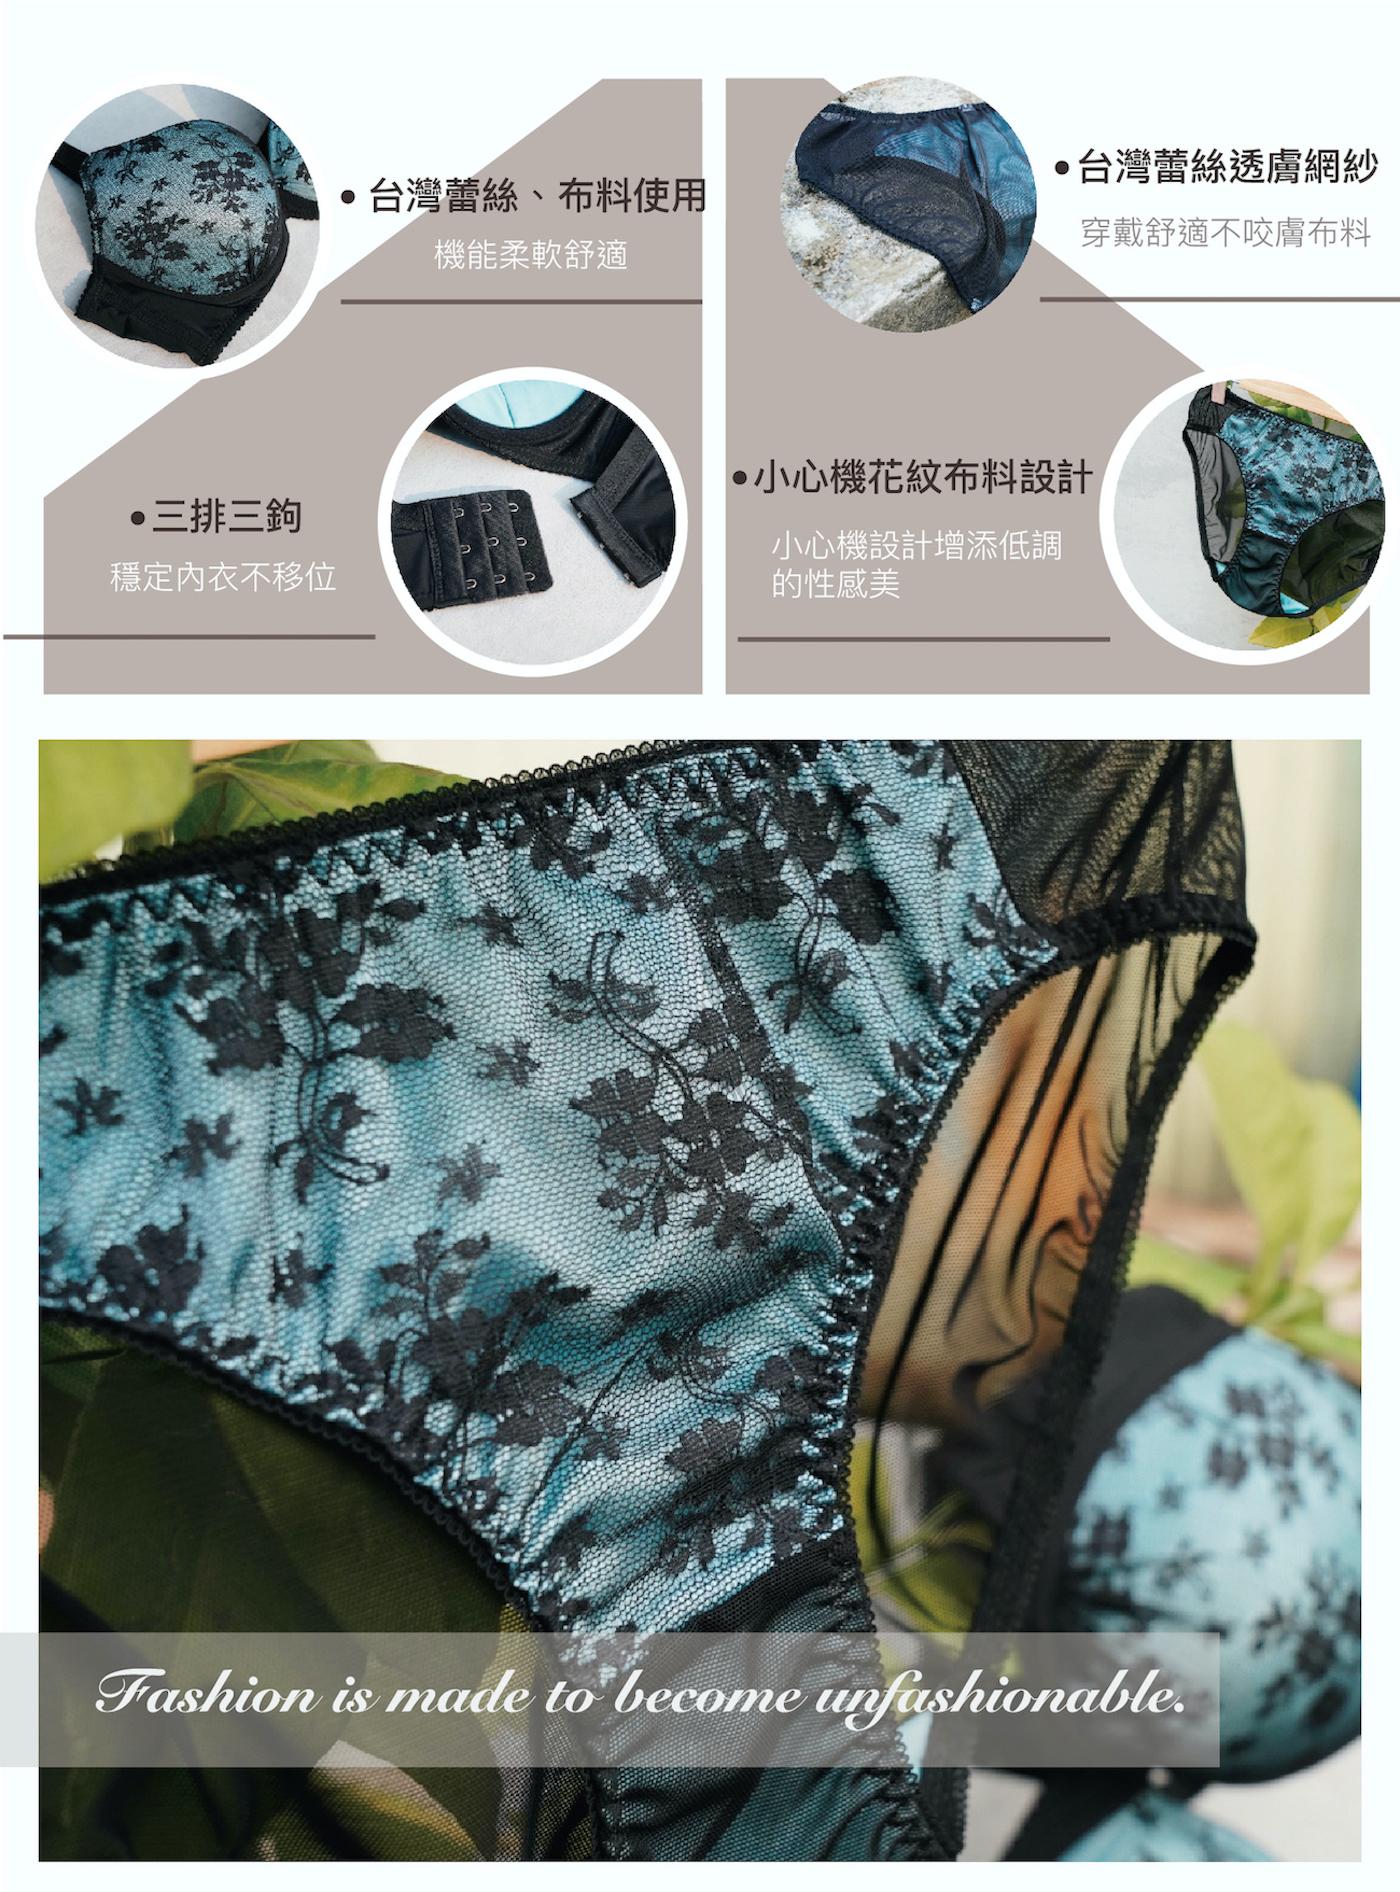 台灣蕾絲、布料使用,機能柔軟舒適